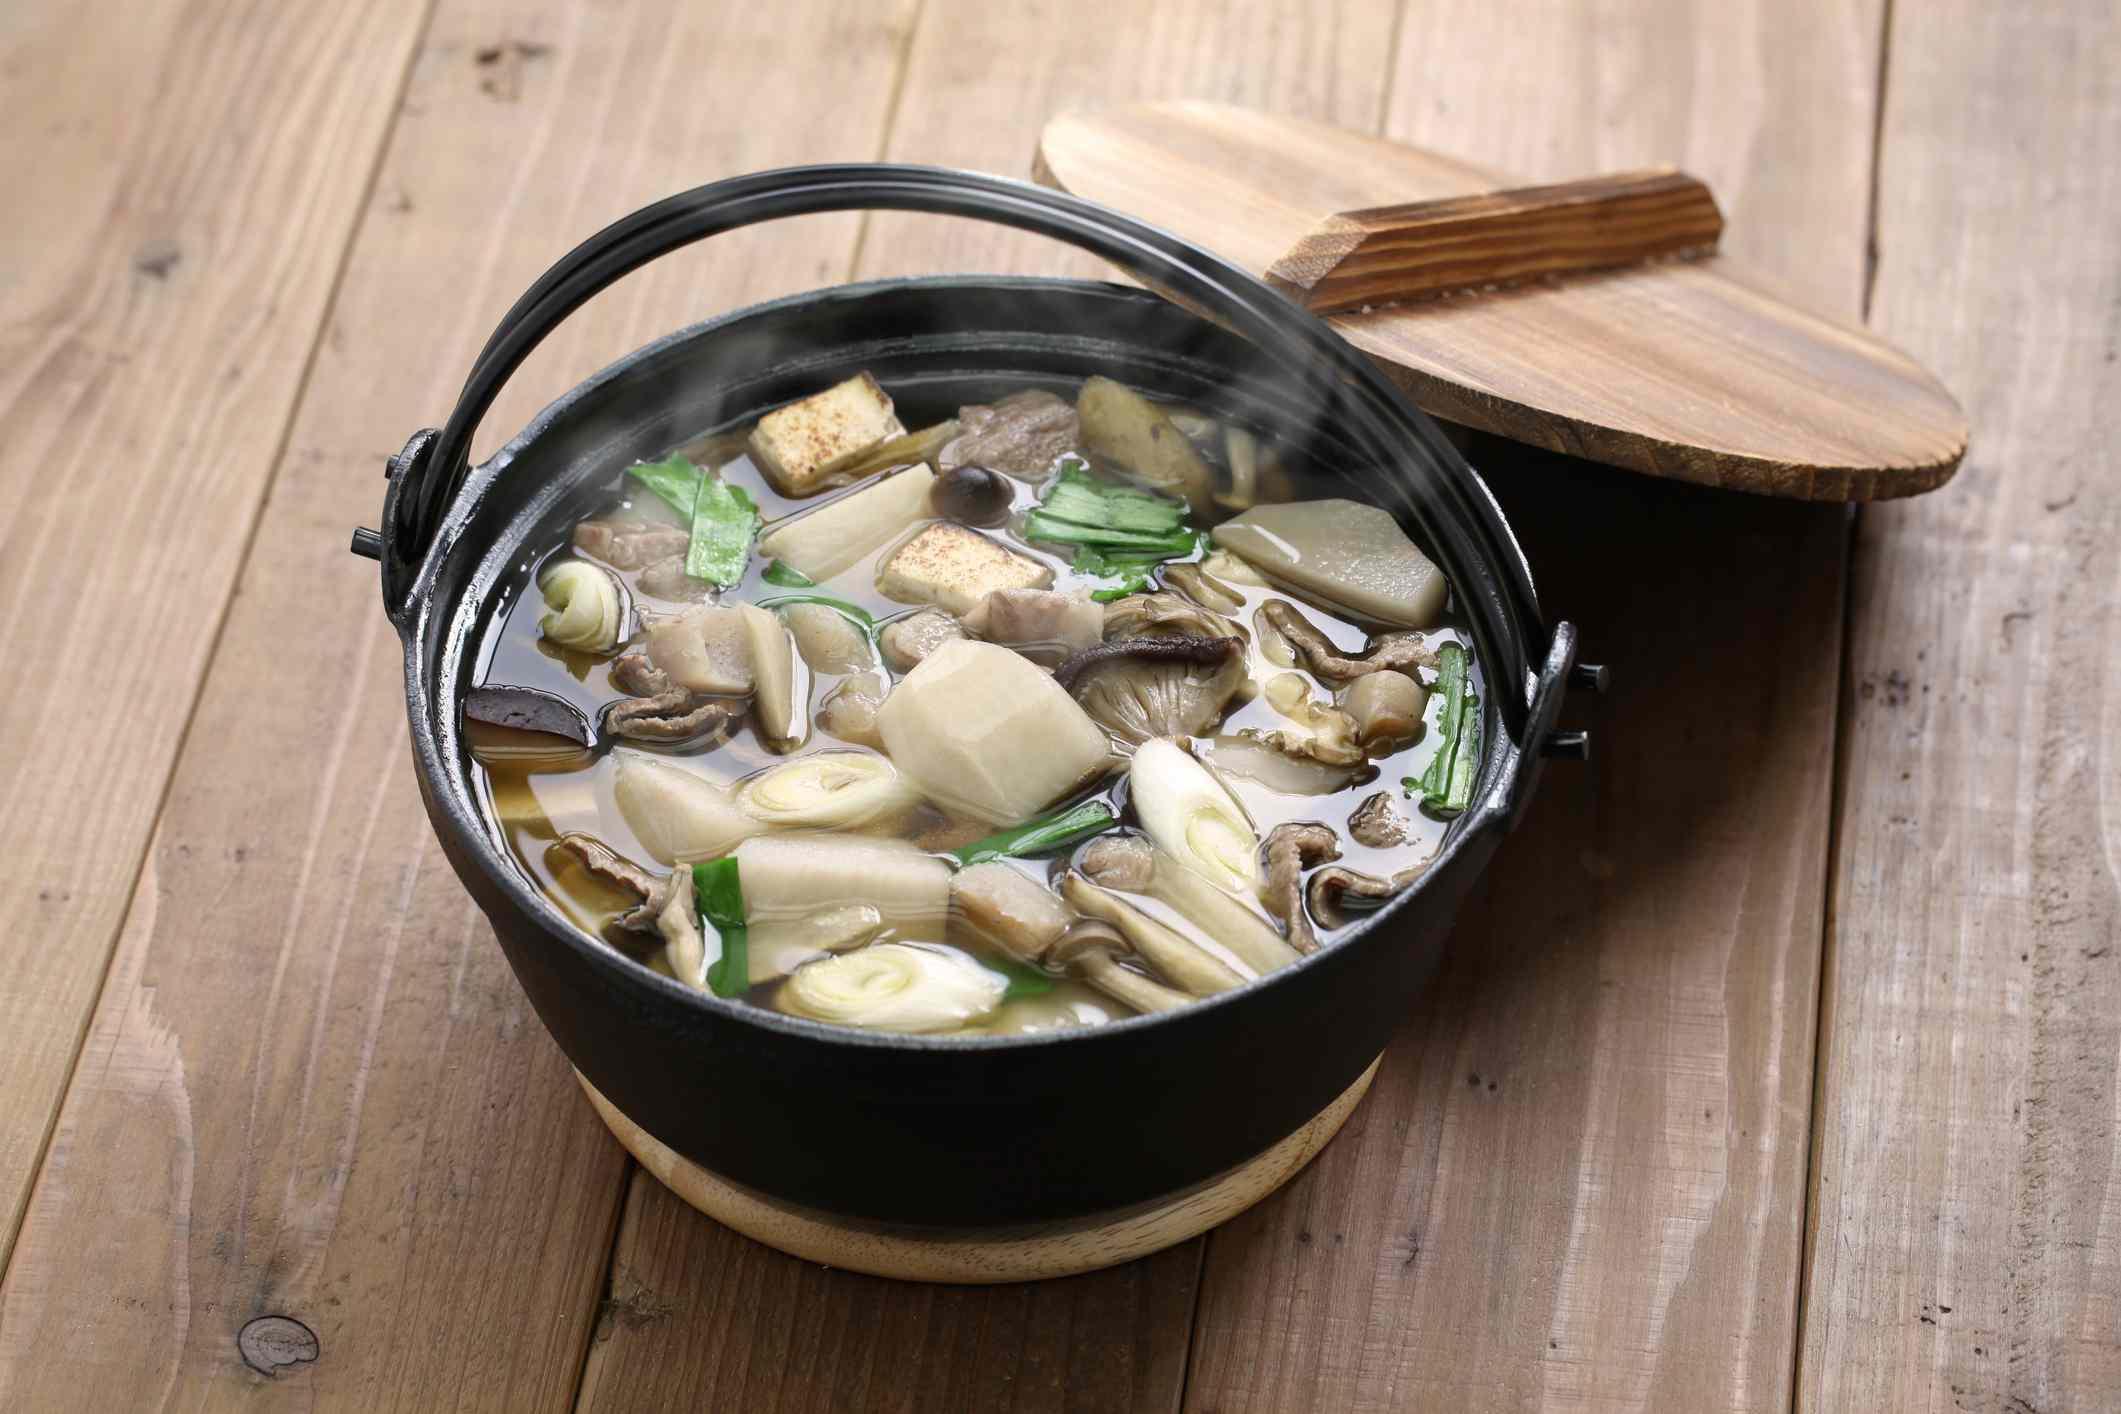 Burdock root soup